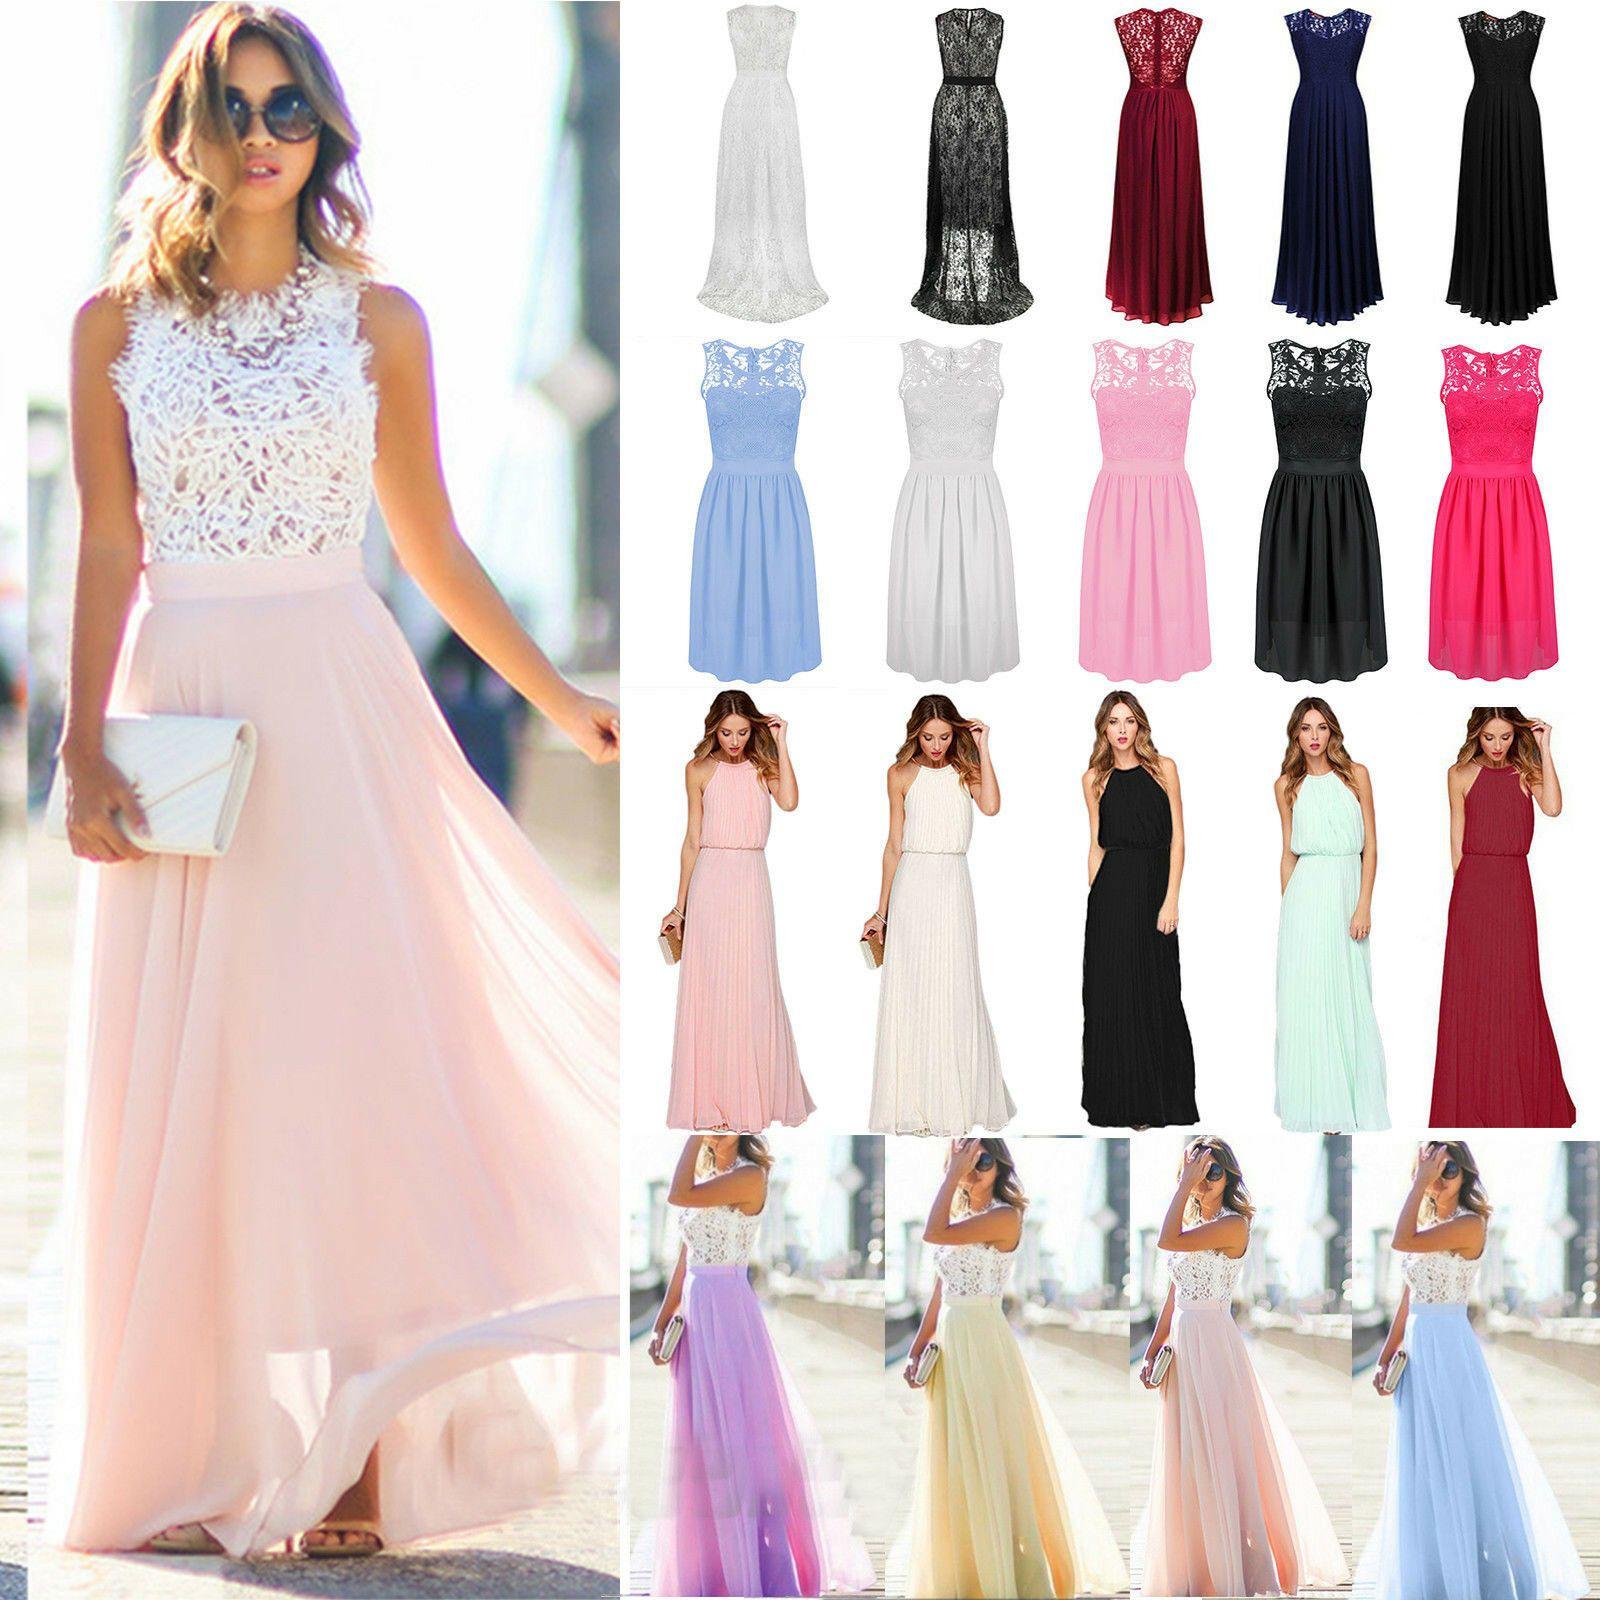 17 Luxus Abendkleid Für Hochzeit Spezialgebiet20 Schön Abendkleid Für Hochzeit Galerie